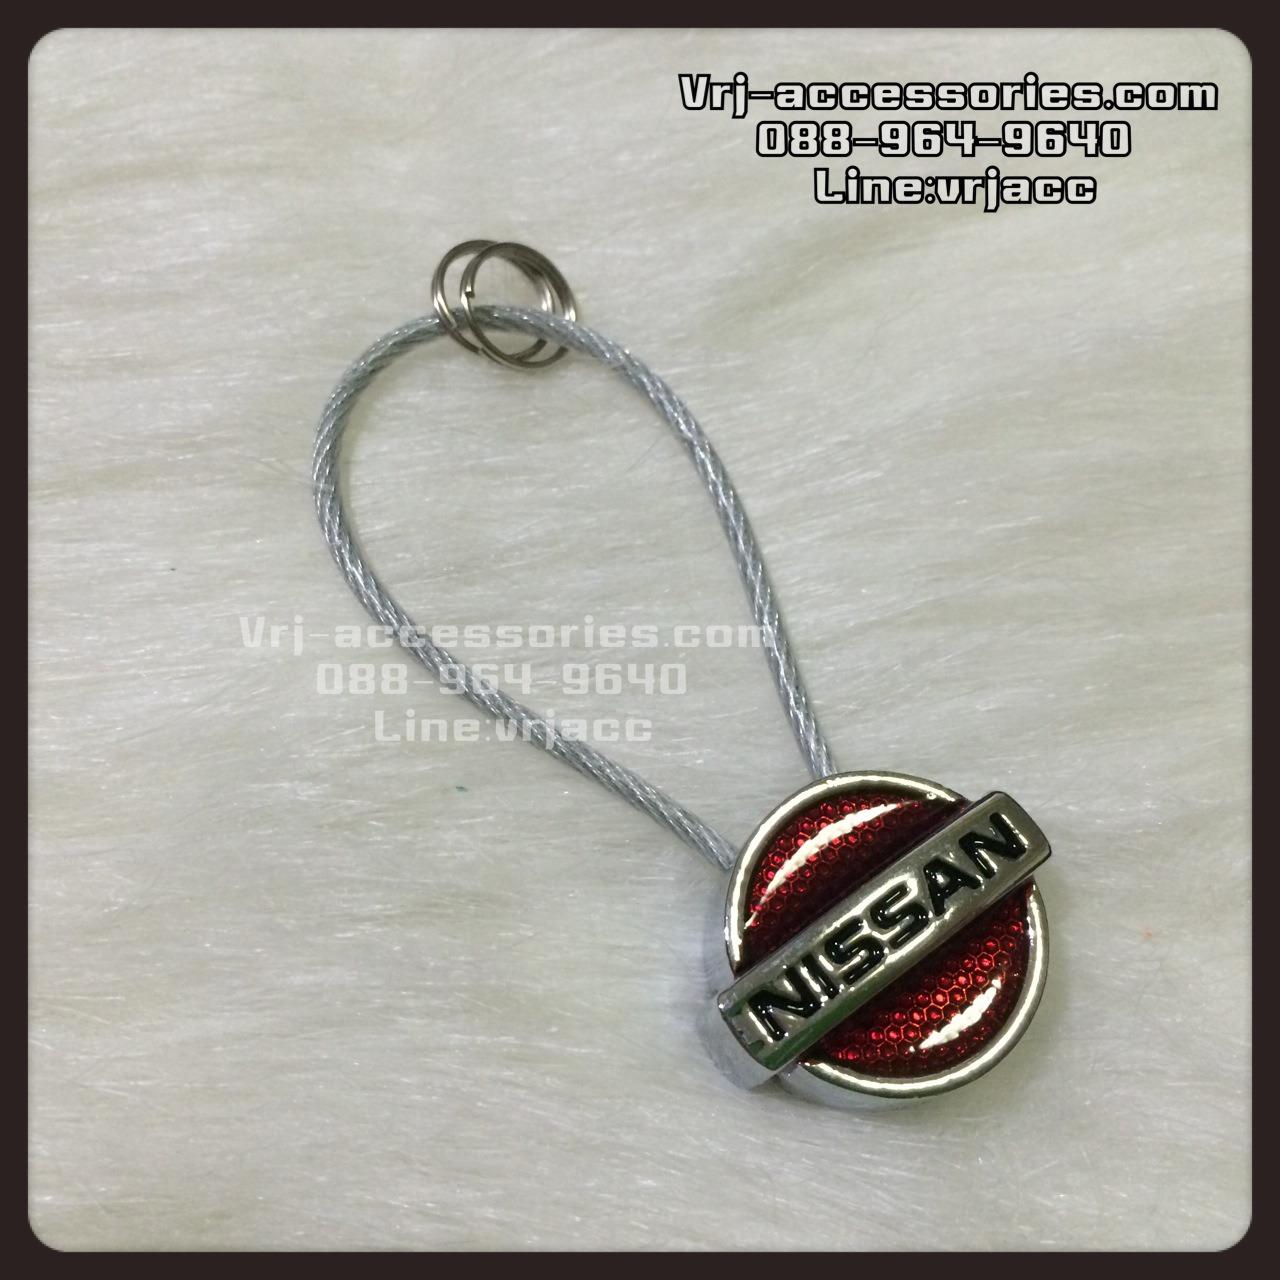 พวงกุญแจ สายคล้องพวงกุญแจsling ยี่ห้อ นิสสัน:Nissan keychain